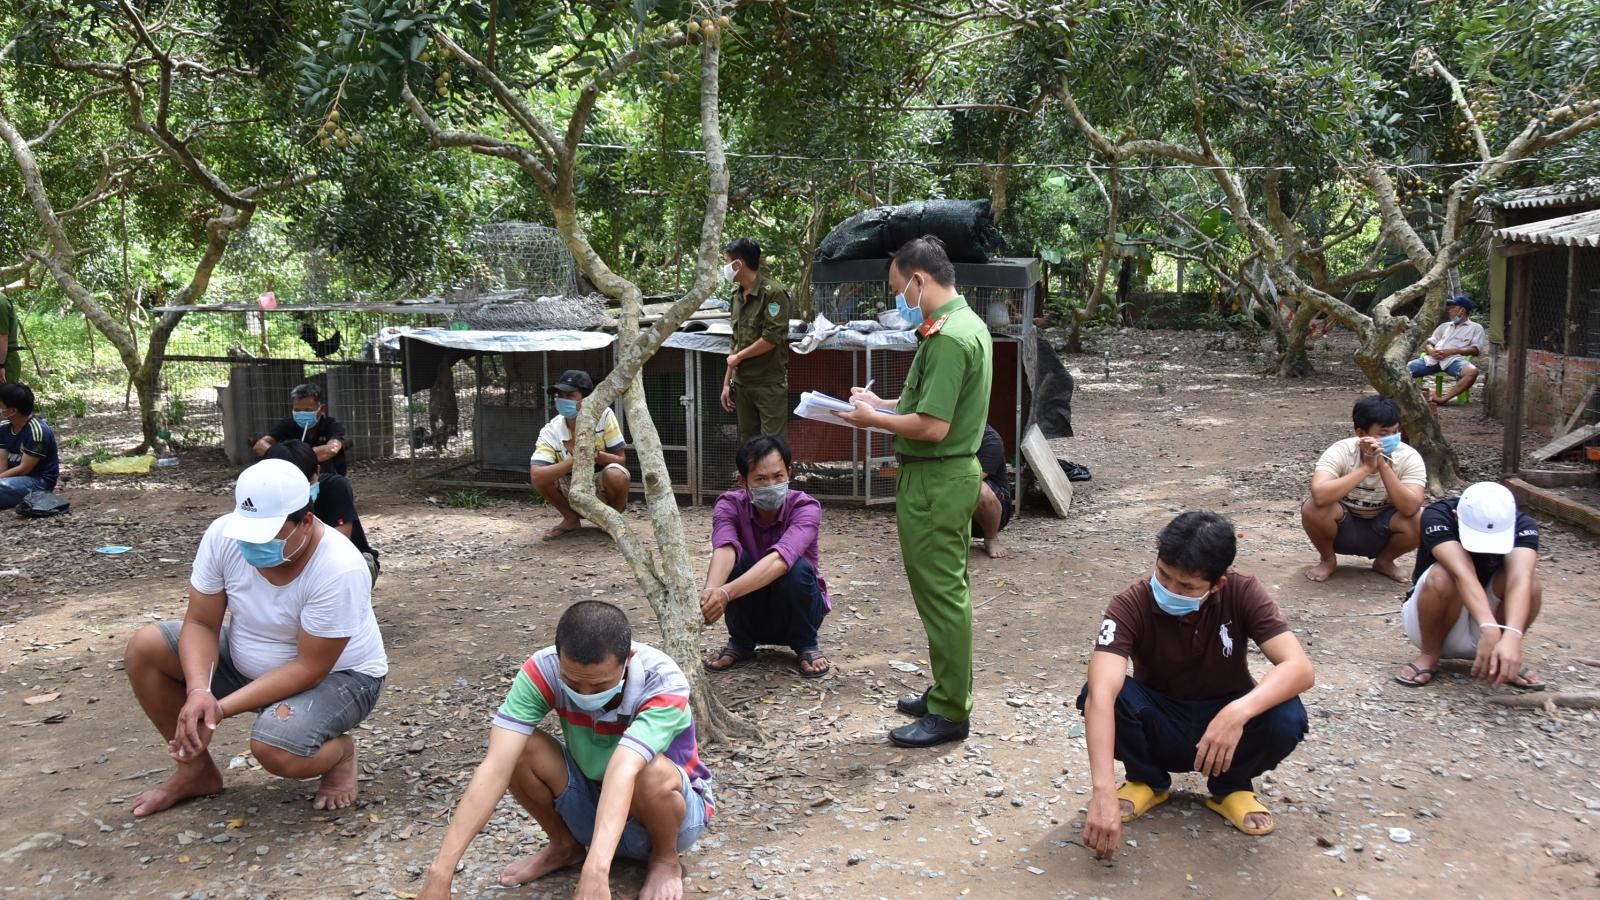 Bắt giữ 19 đối tượng đá gà ăn tiền trong thời gian giãn cách xã hội tại Tiền Giang